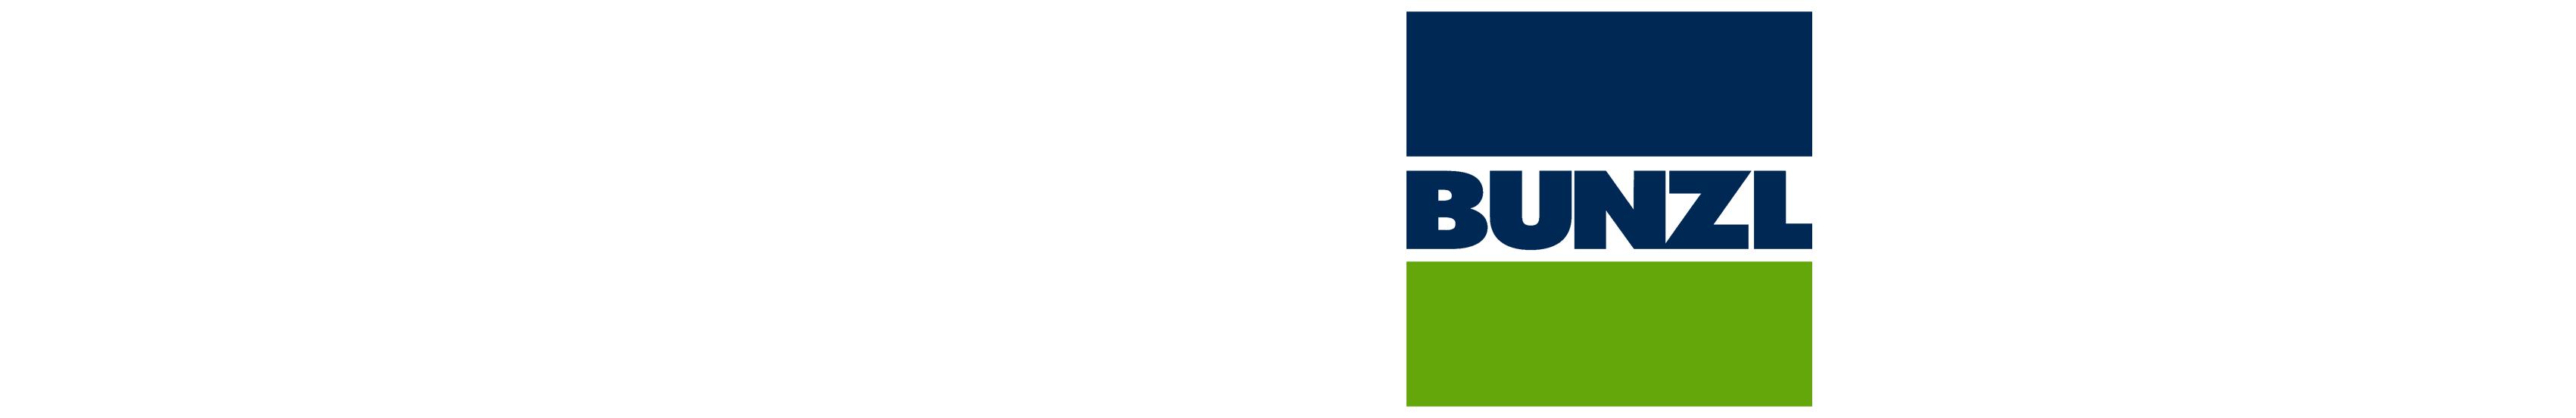 Logo_Bäumer_BUNZL_HIGHCLEAN Group